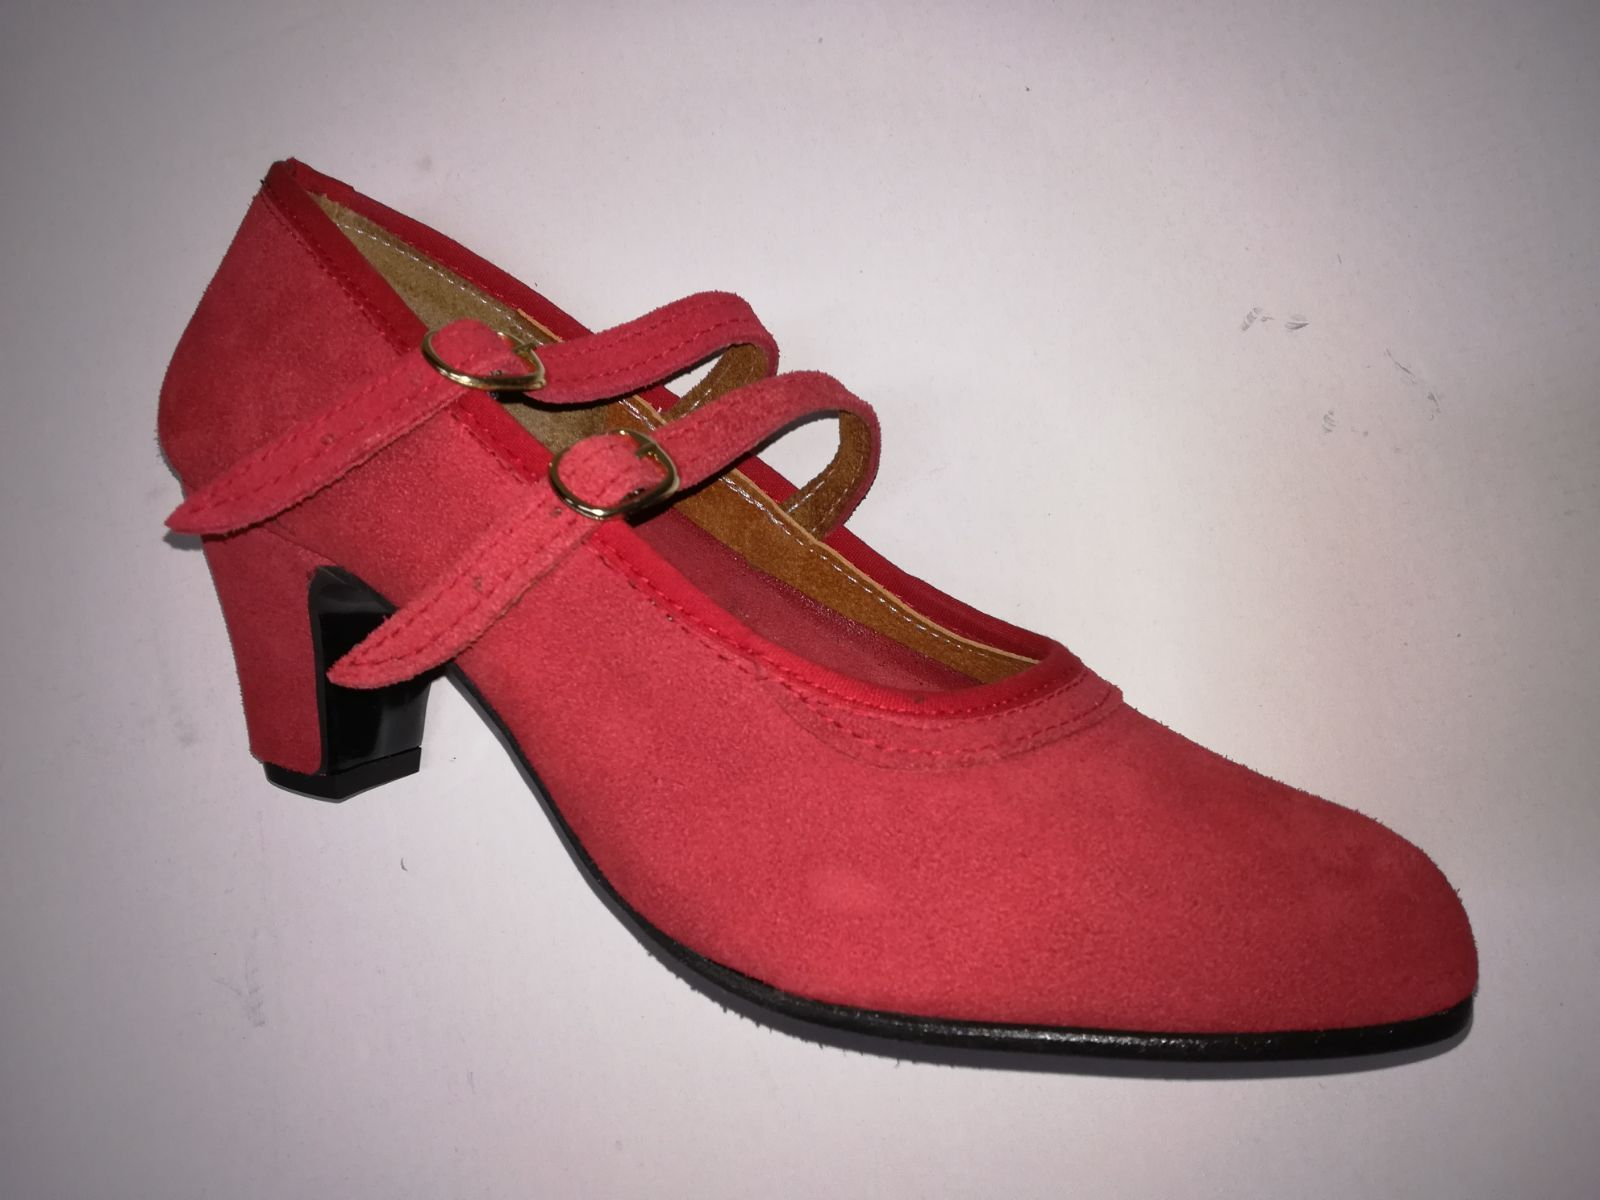 Zapato piel ante rojo Modelo 24: Productos de Calzados Malaca